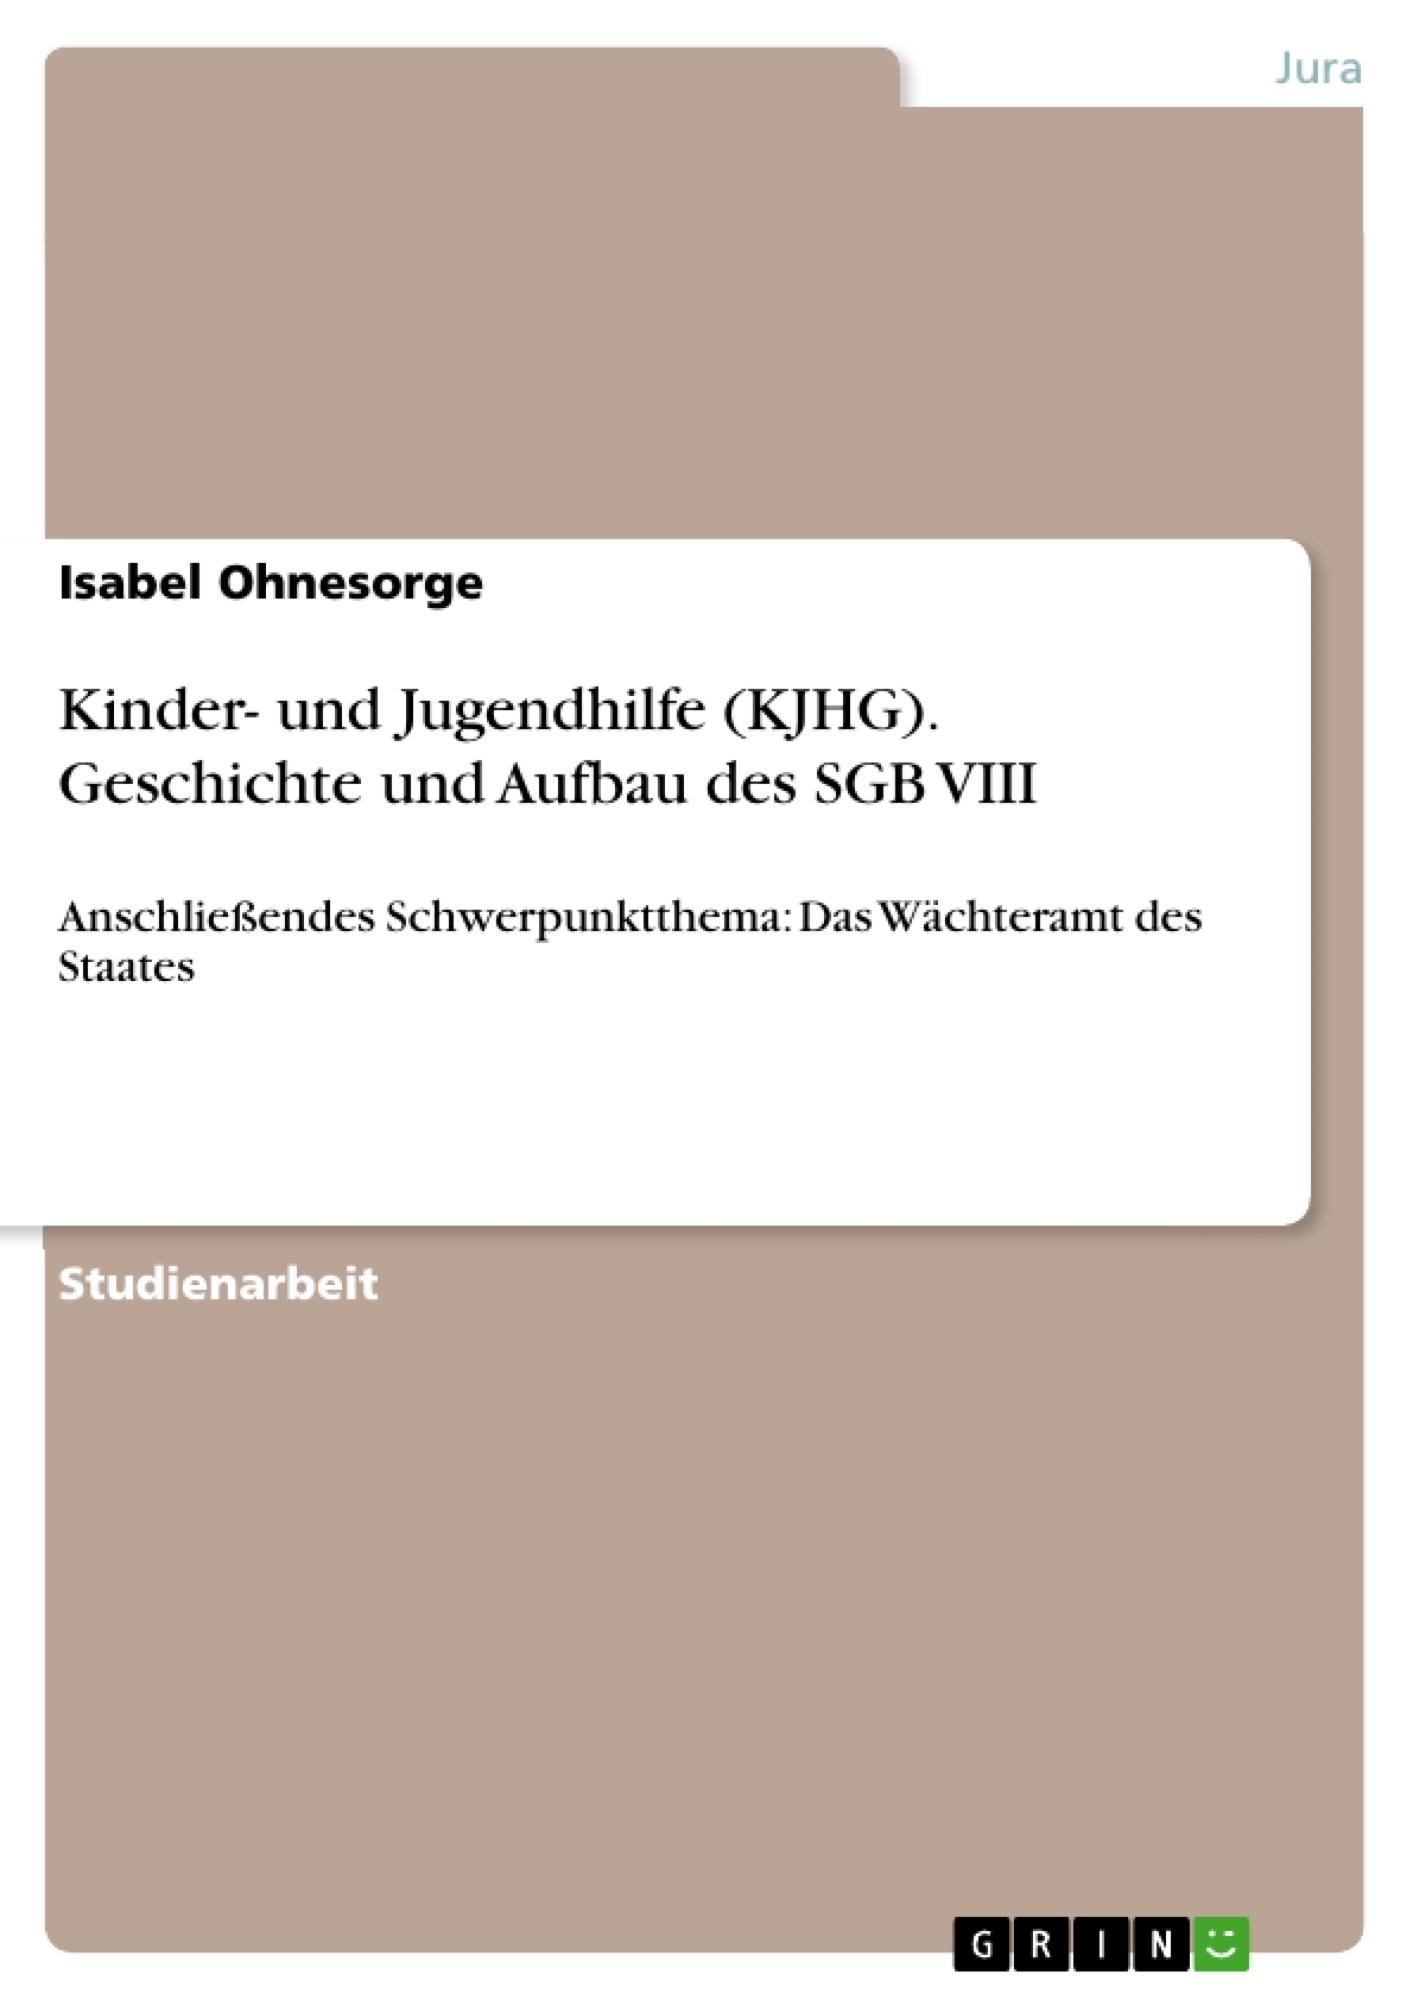 Titel: Kinder- und Jugendhilfe (KJHG). Geschichte und Aufbau des SGB VIII